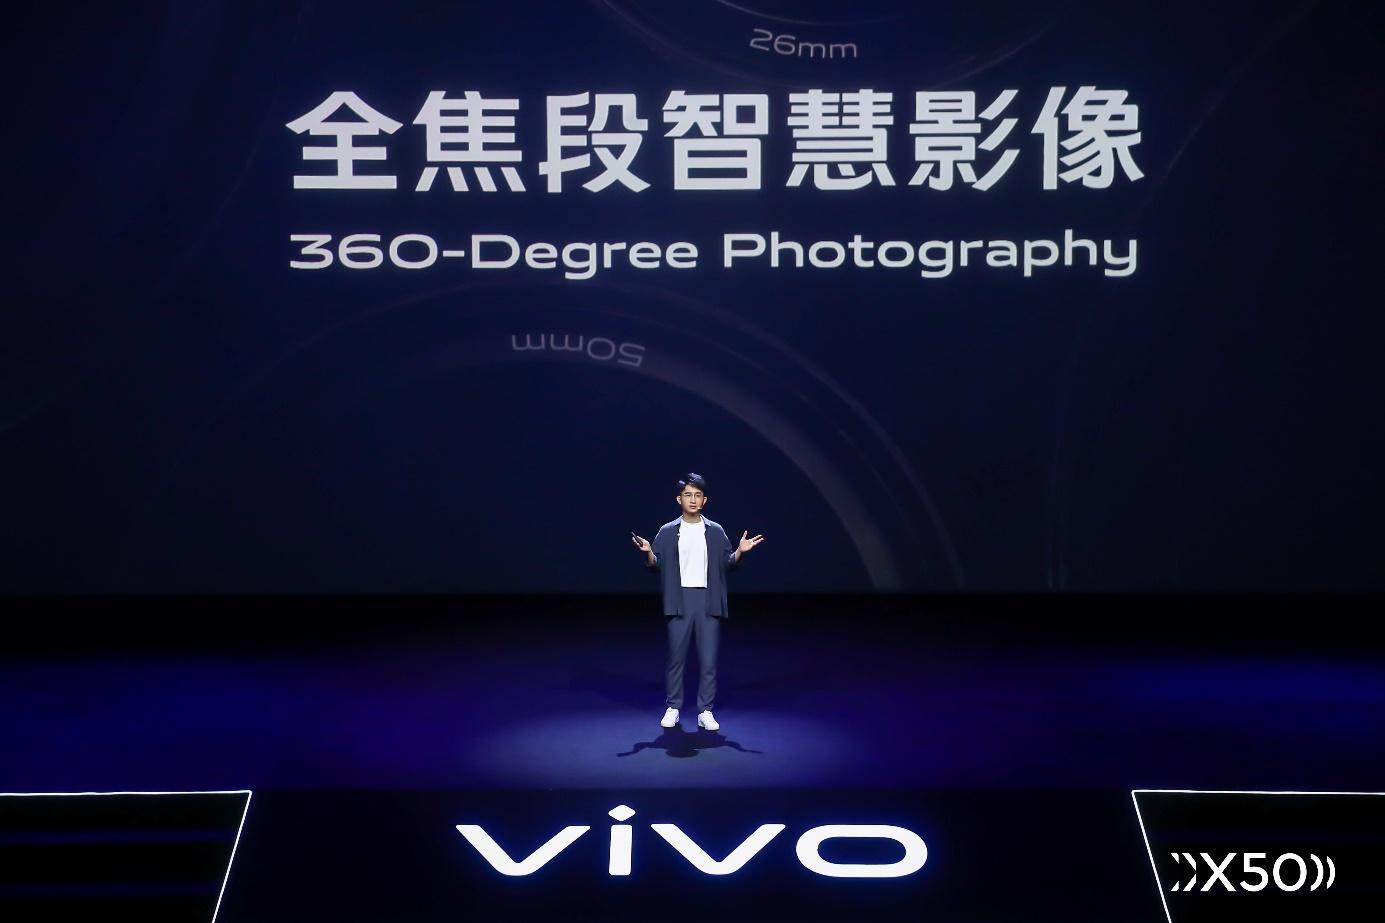 3498元起 vivo X50系列發布 微云臺主攝+驚喜超大杯